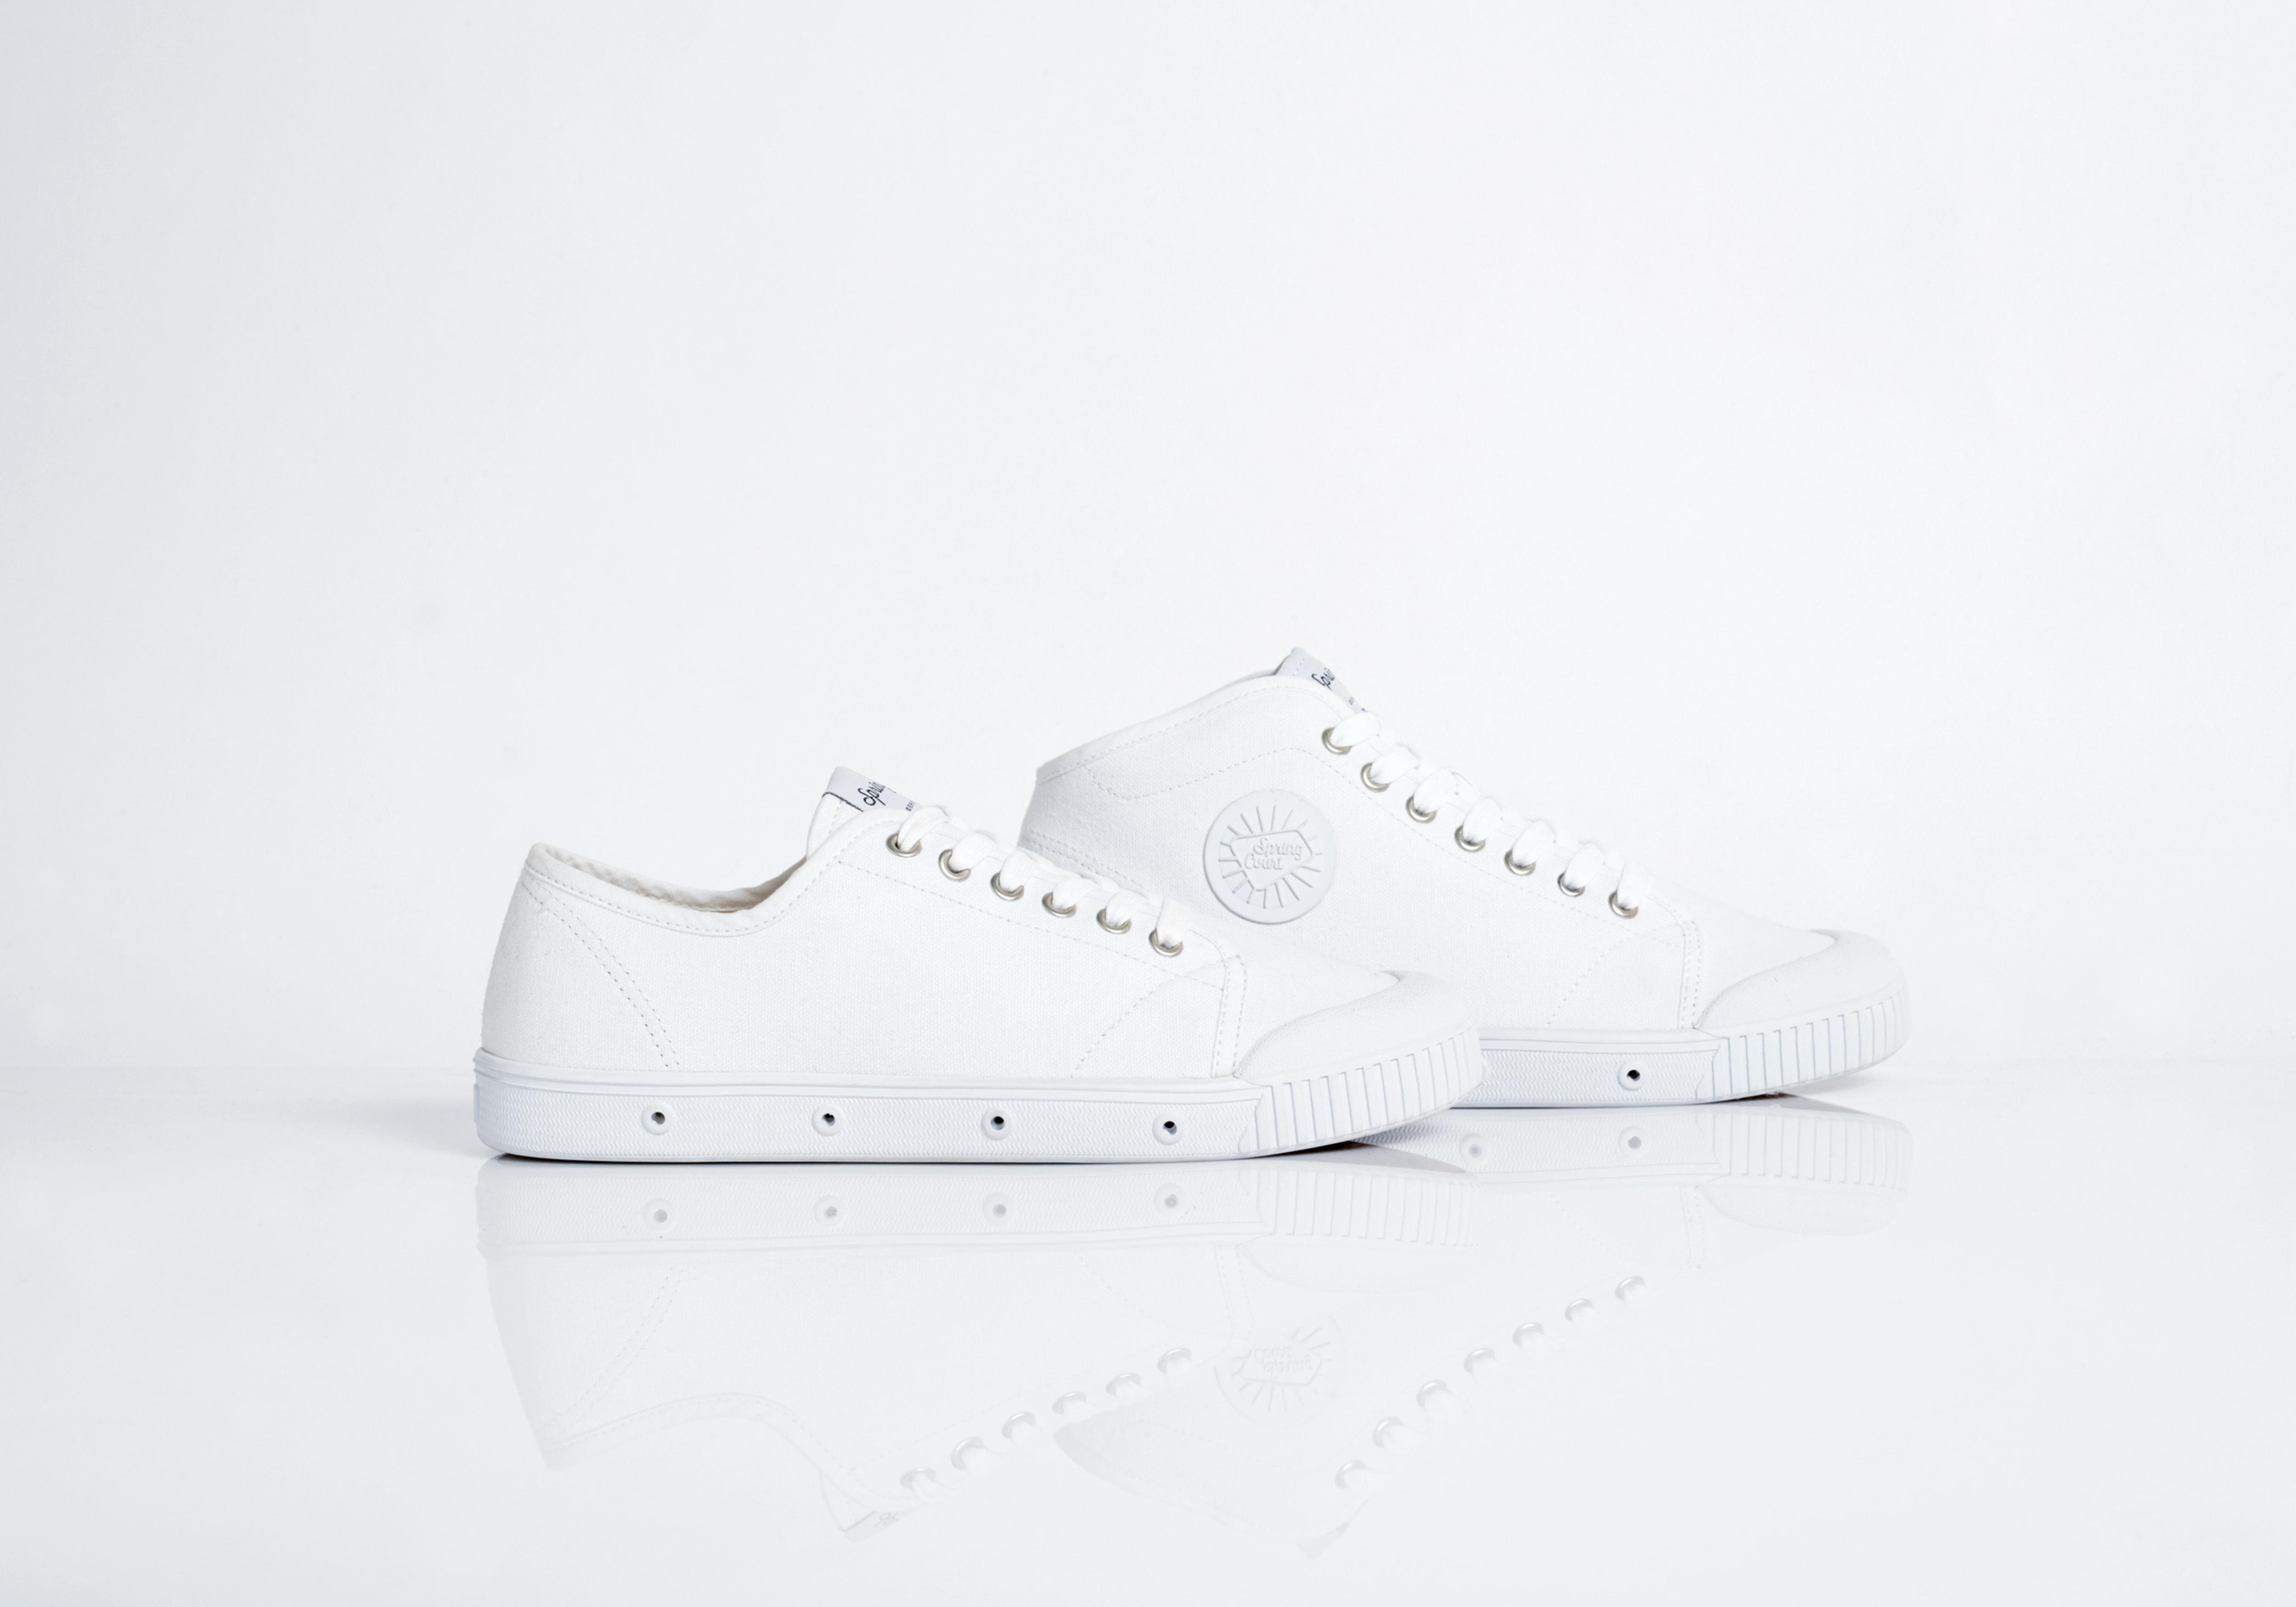 G2 B2 white